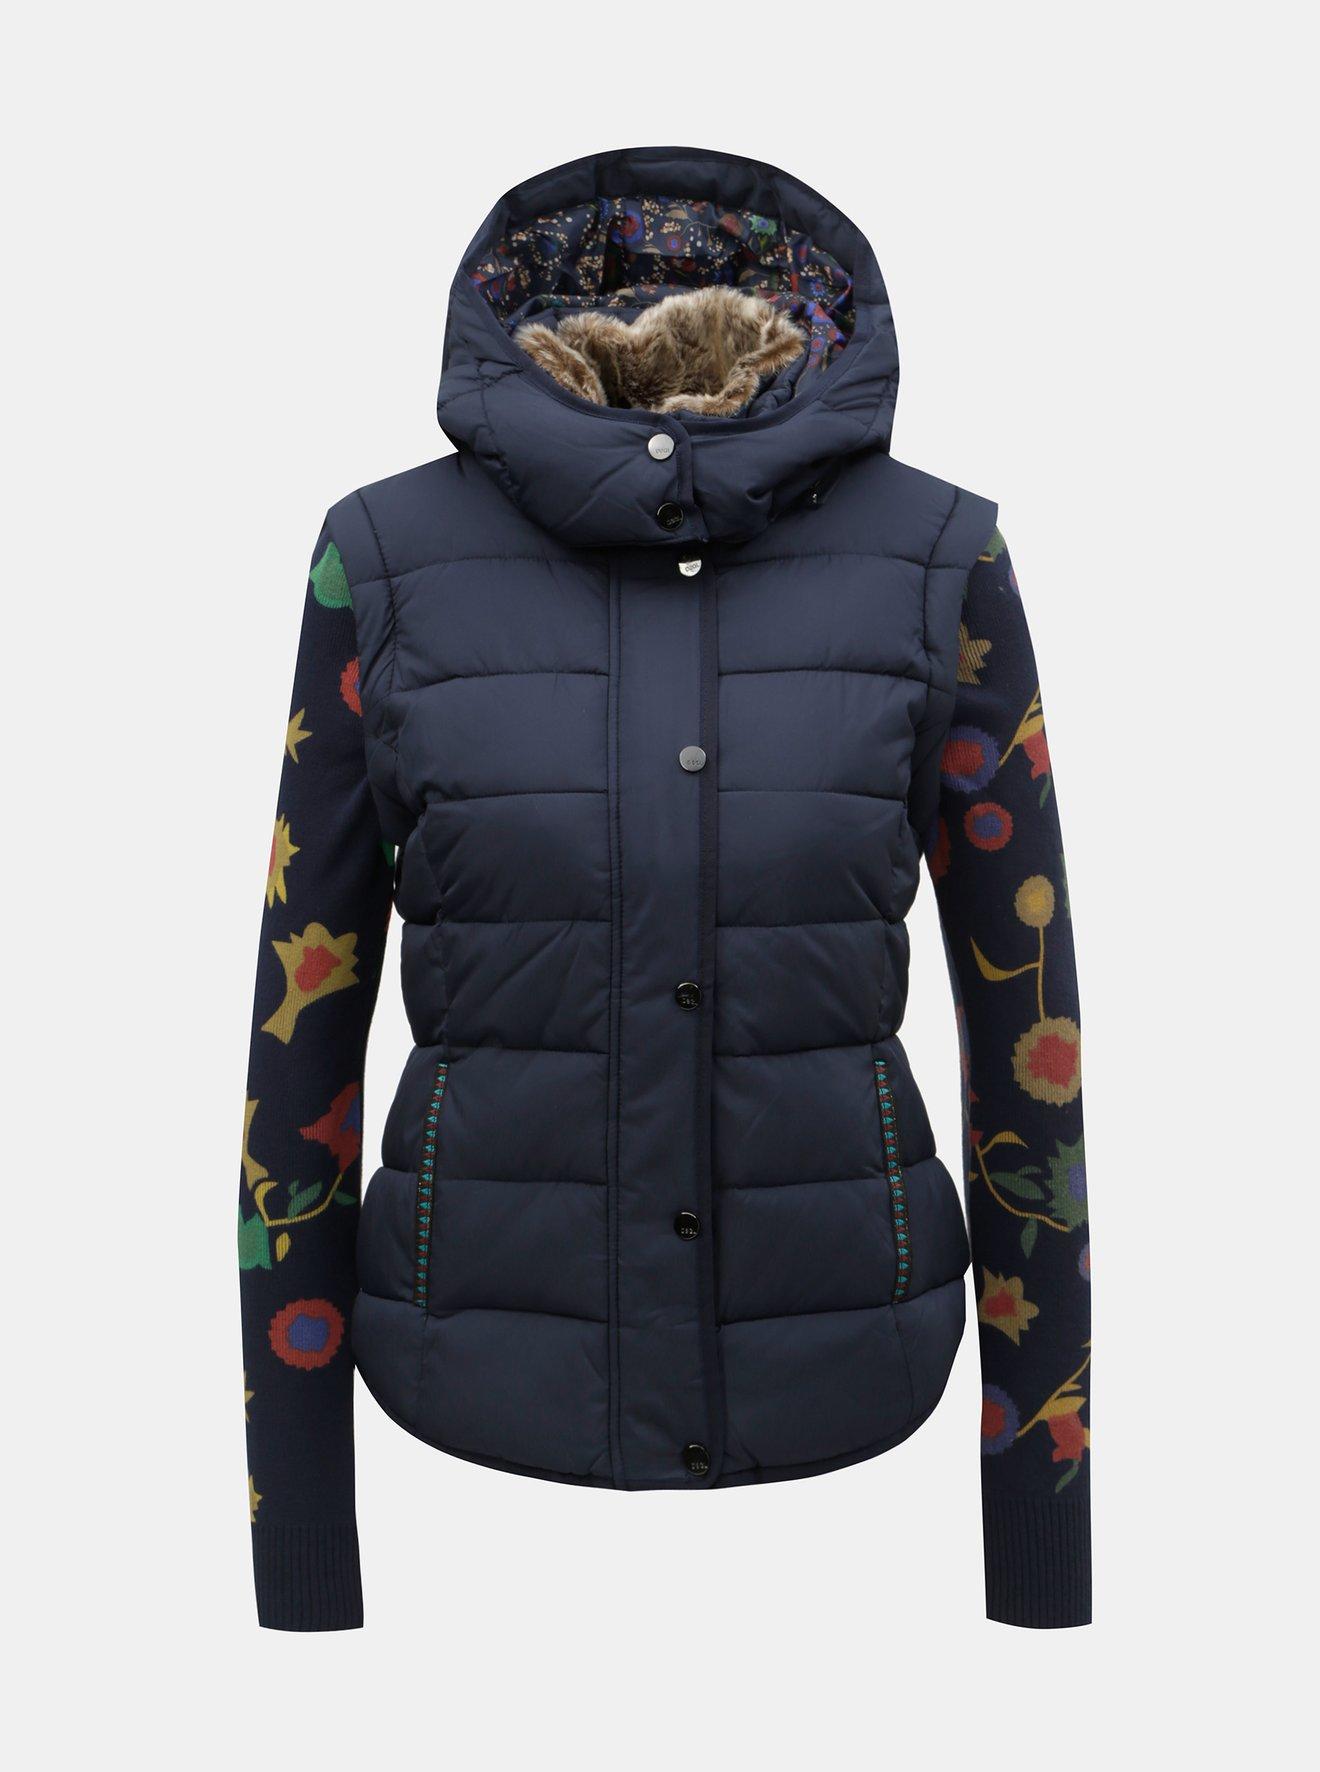 Tmavě modrá prošívaná bunda/vesta s odnímatelným umělým kožíškem Desigual Padded Pia